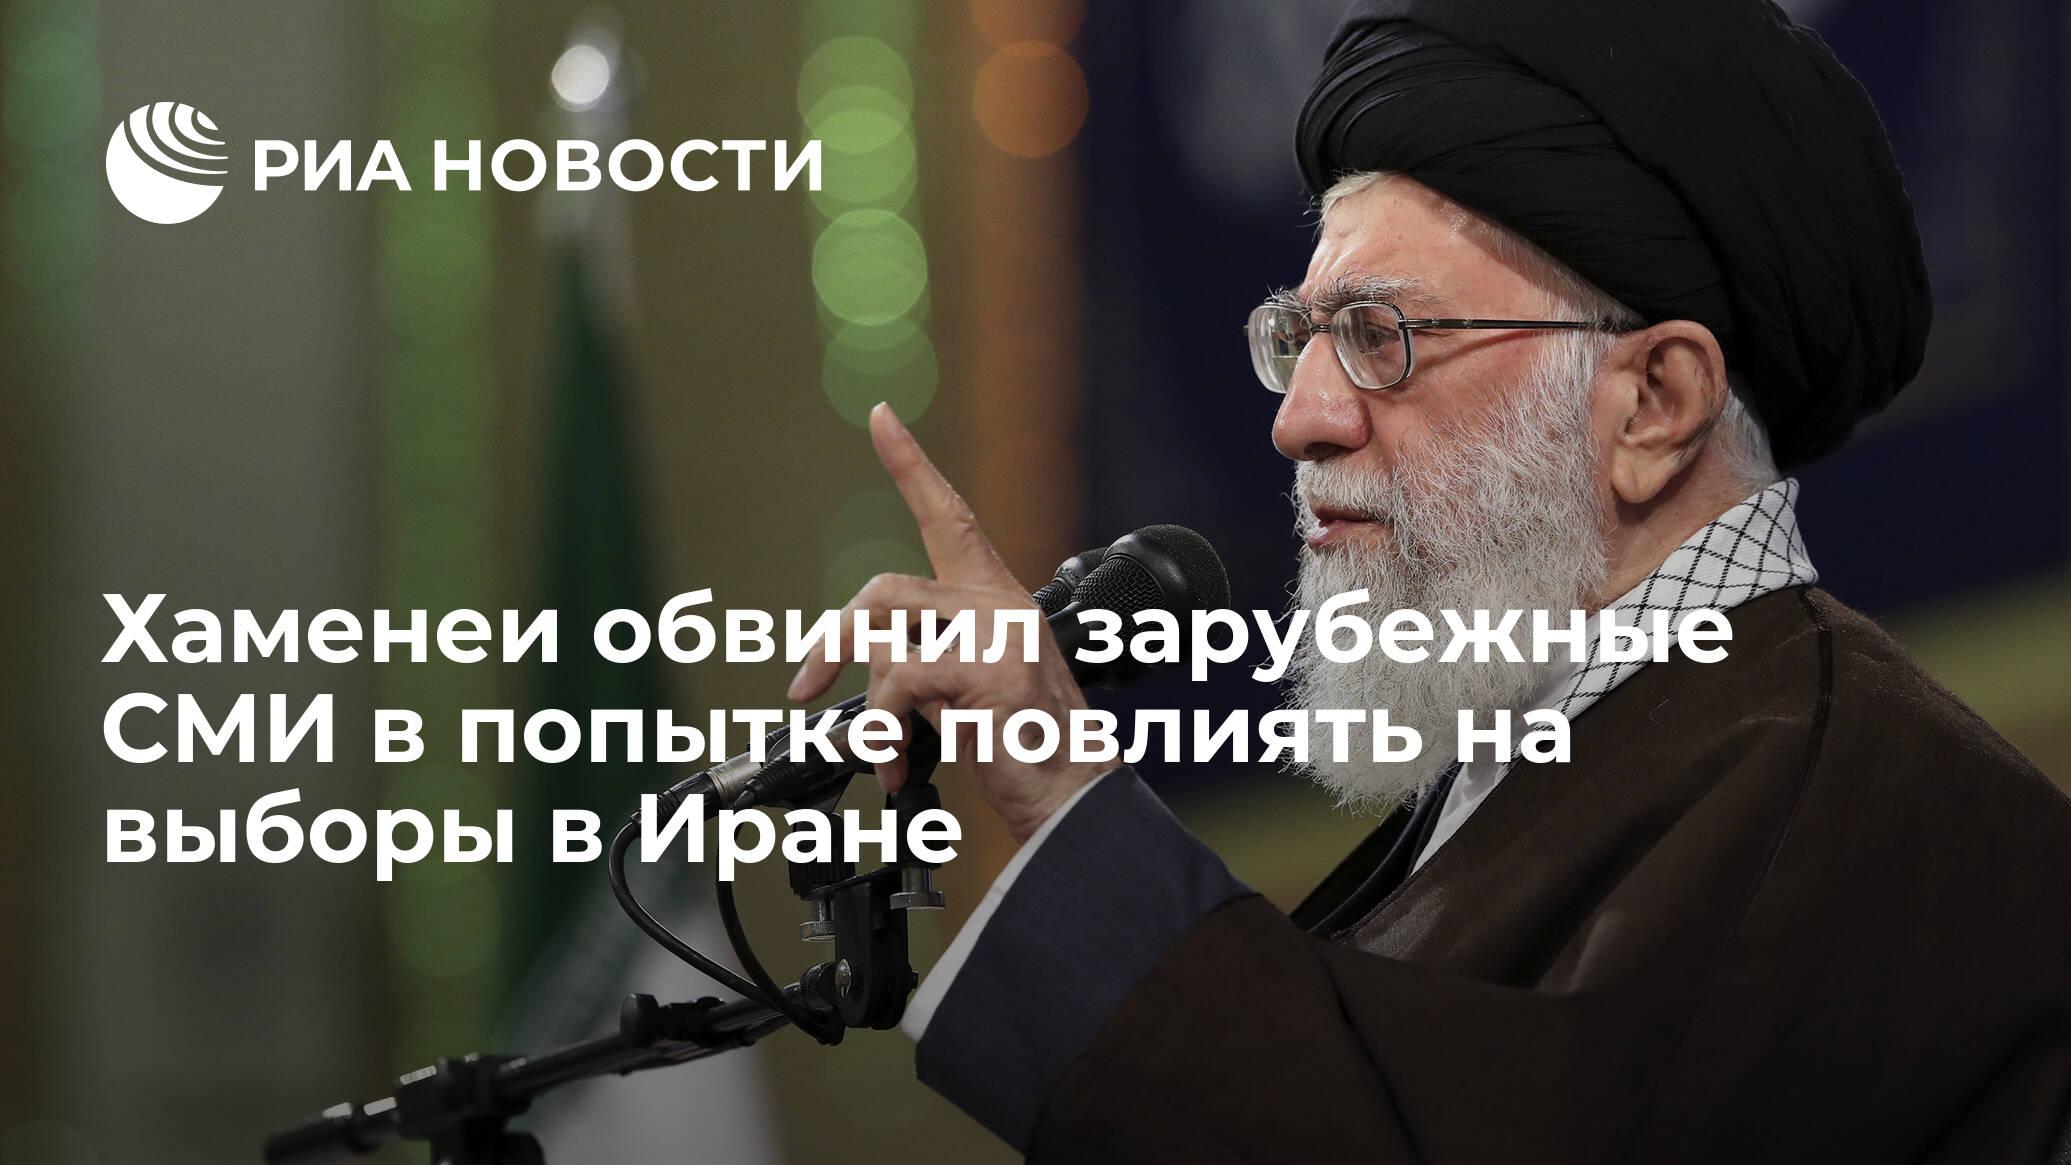 Хаменеи обвинил зарубежные СМИ в попытке повлиять на выборы в Иране